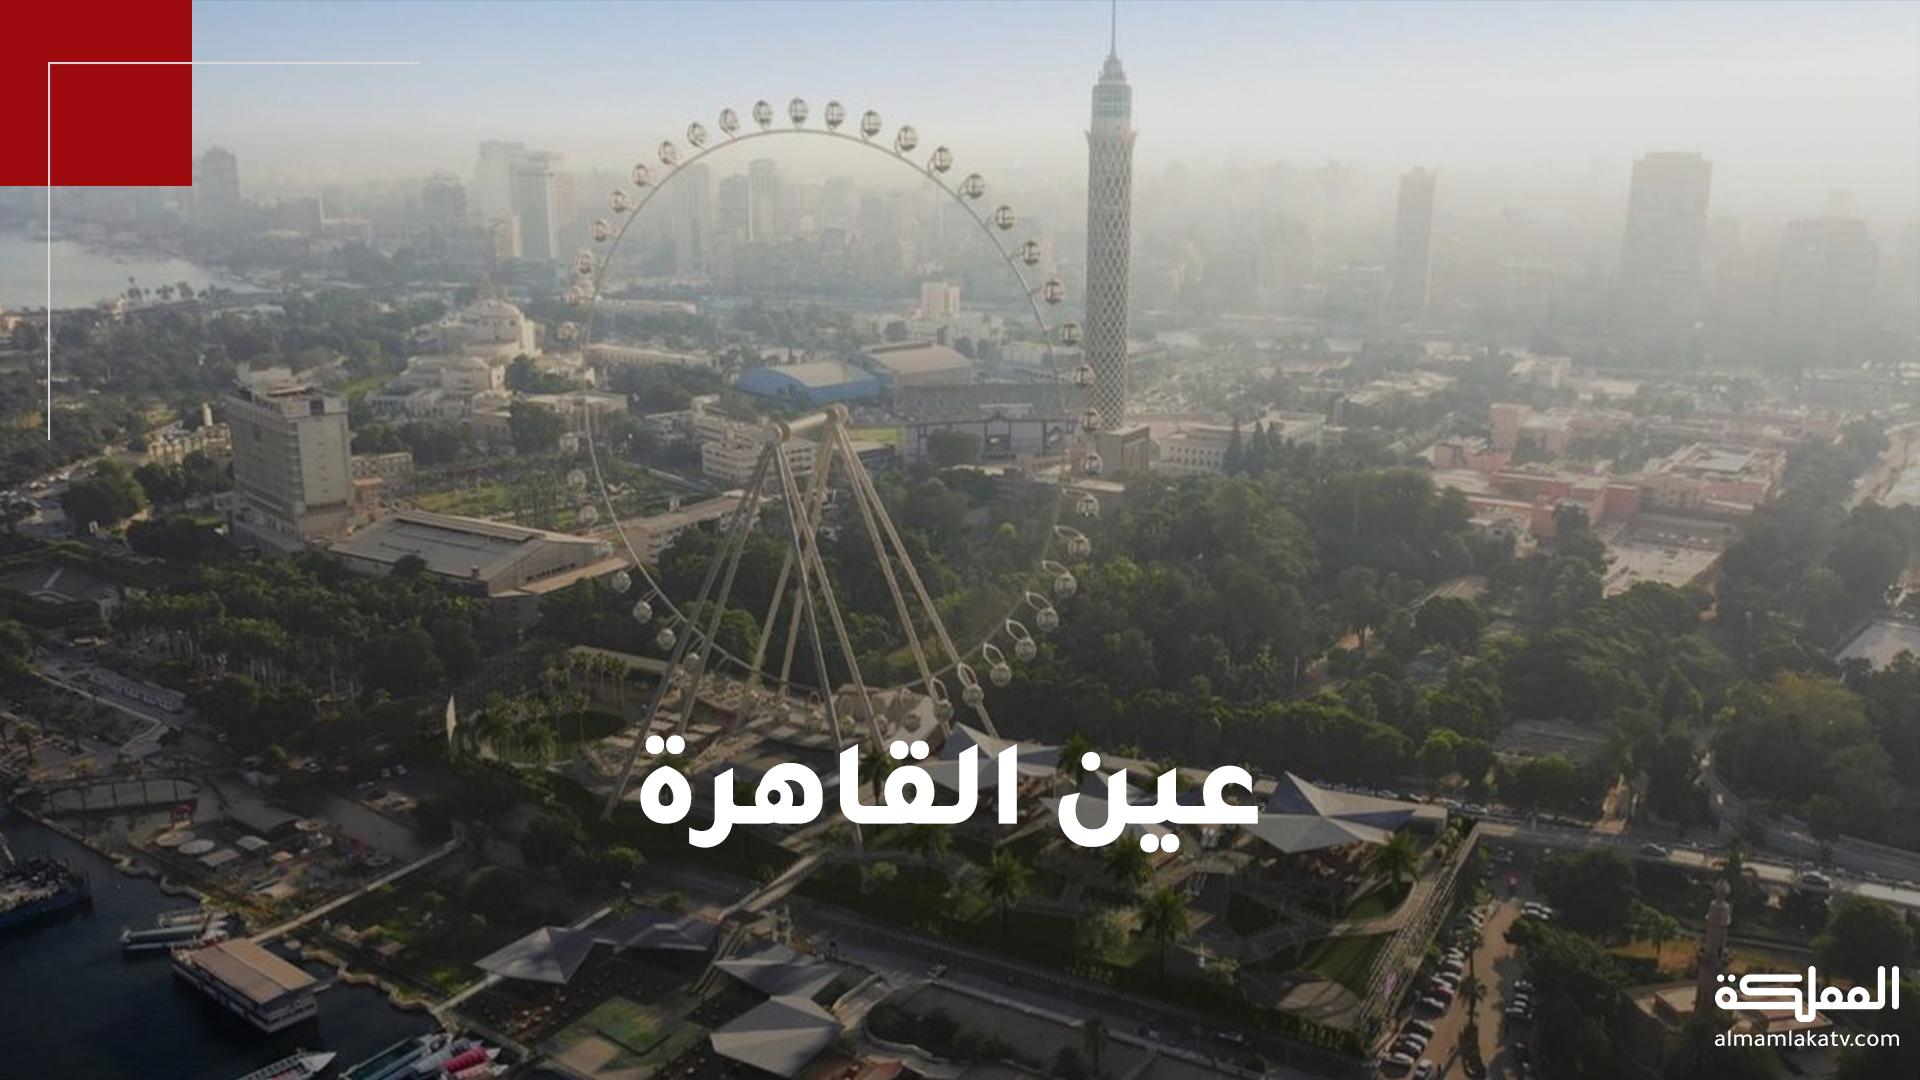 مشروع سياحي ضخم في القاهرة على ارتفاع 120 مترا بإطلالة على النيل ورؤية تصل لمسافة 50 كم